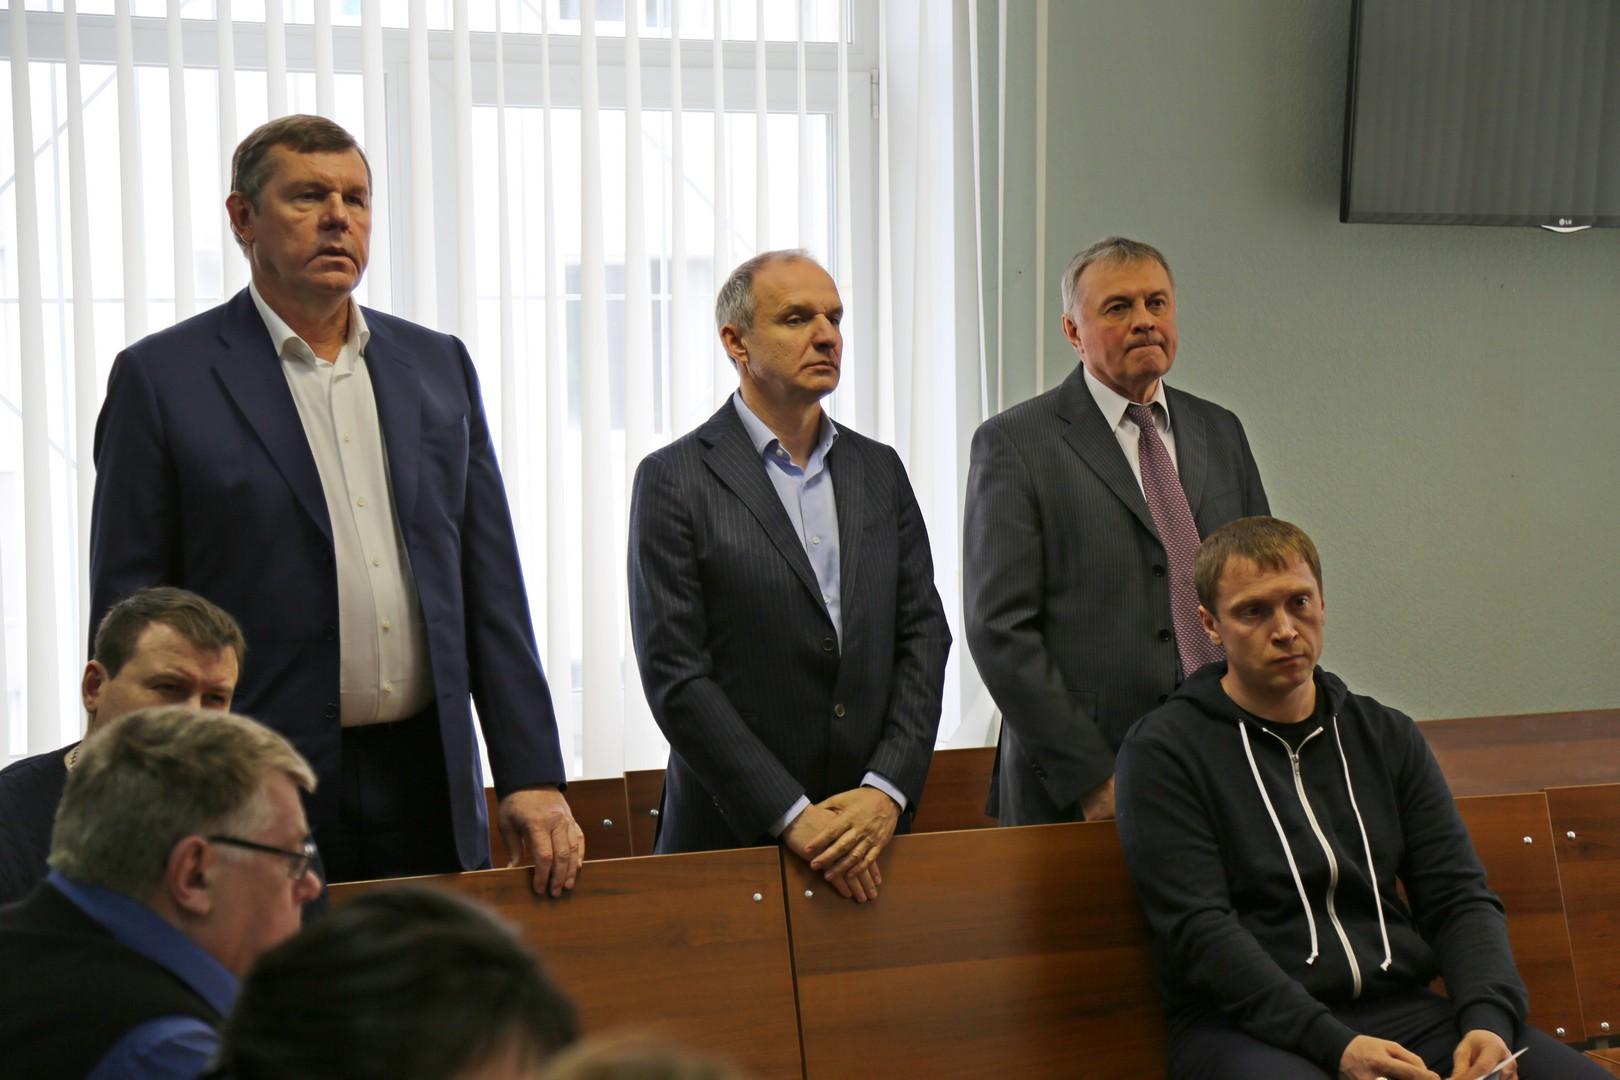 ВЕкатеринбурге дело омошенничестве сземлей Новикова ушло всуд